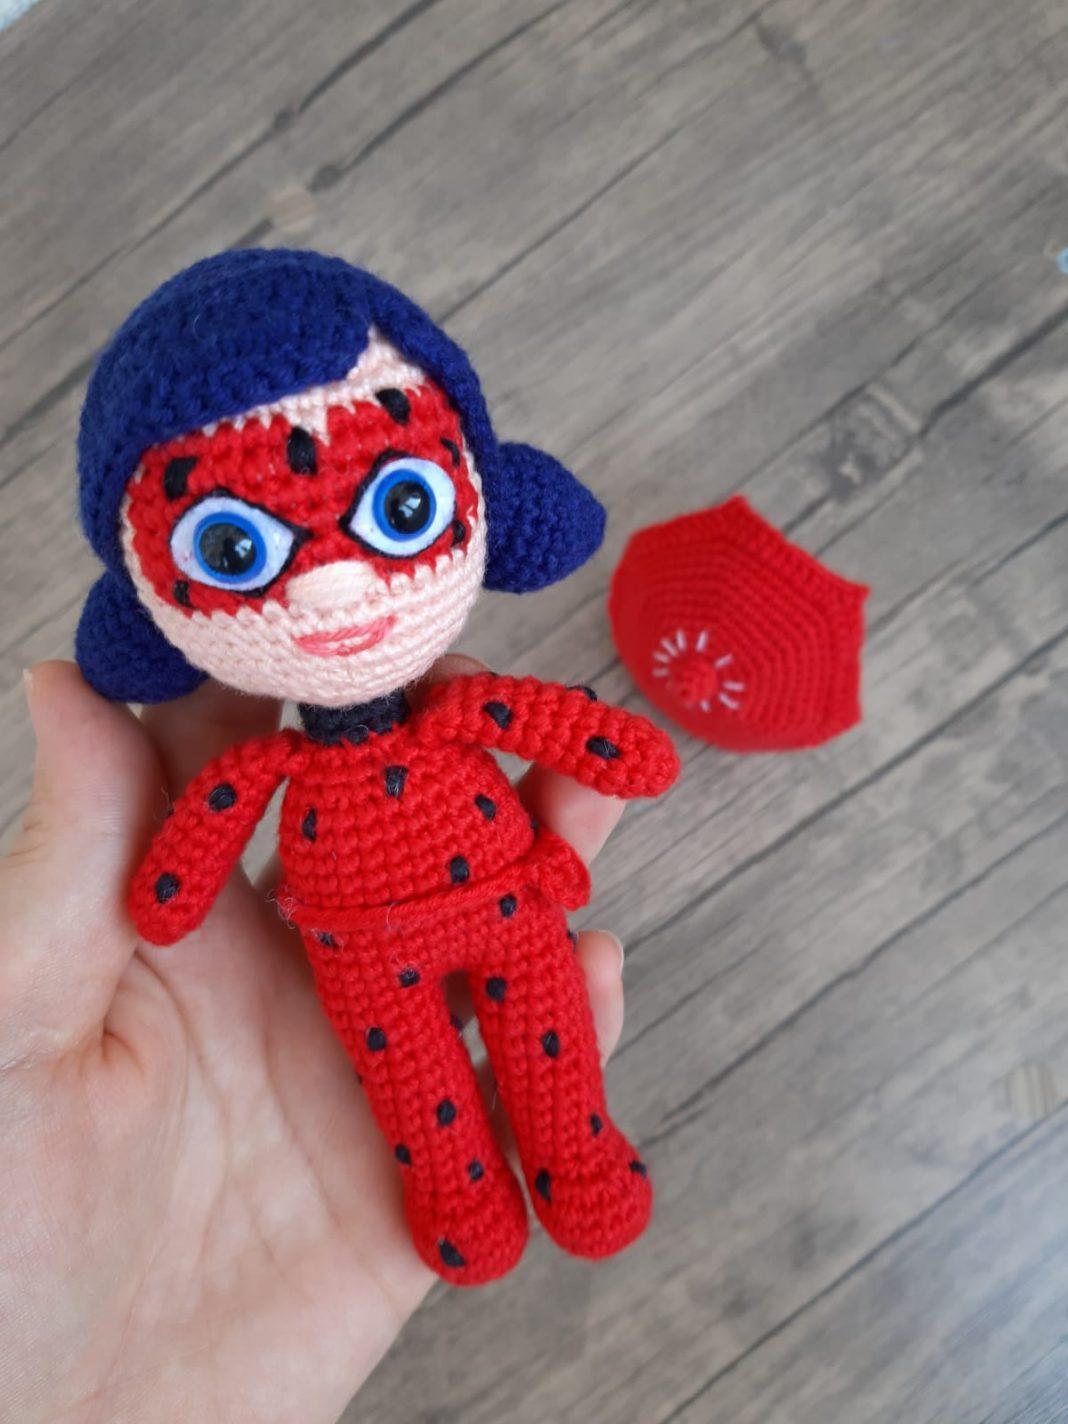 Örgü Hayvan Yapımı | Crochet animal amigurumi, Crochet teddy, Baby ... | 1424x1068